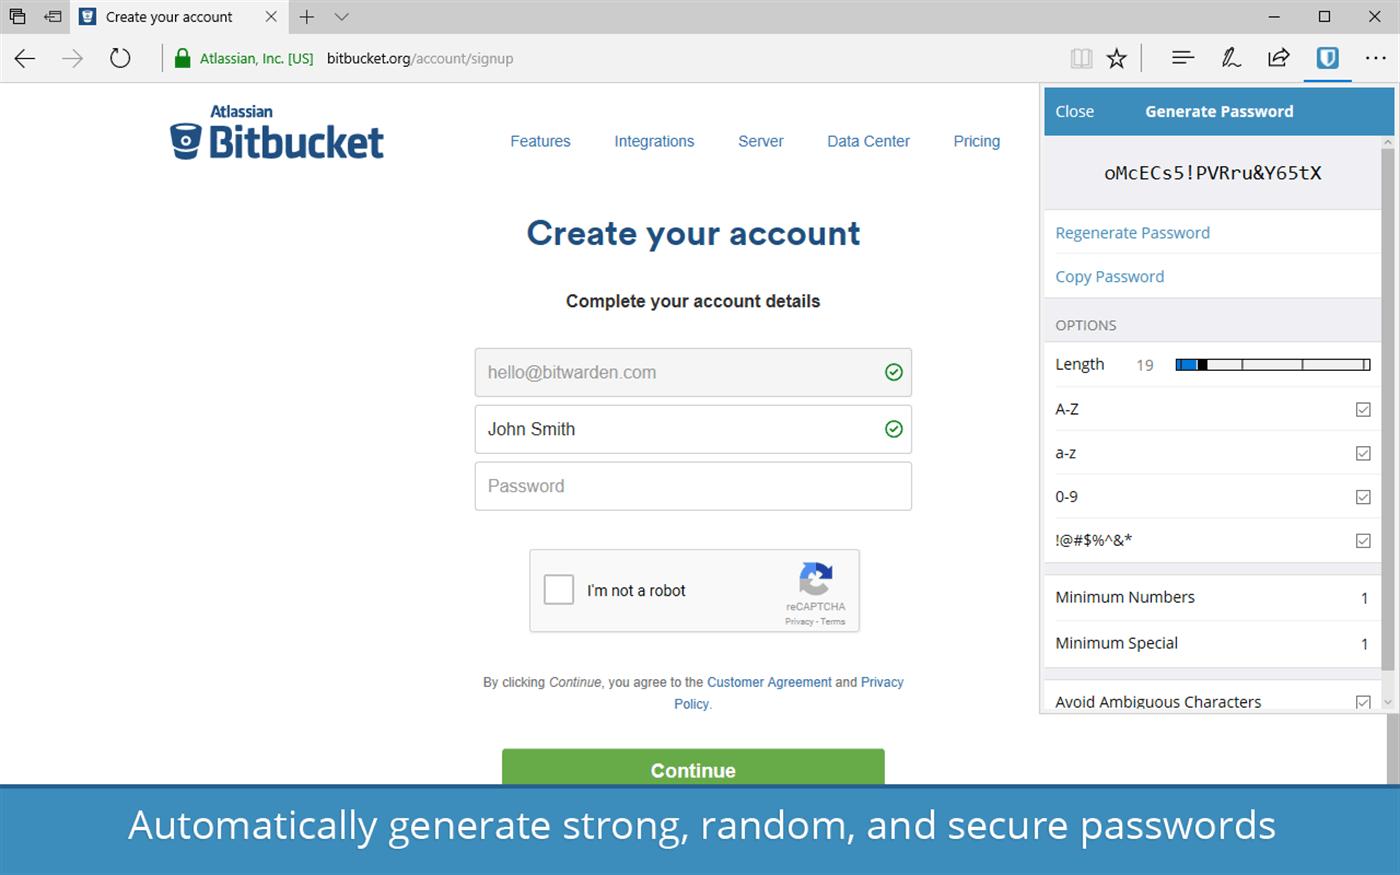 bitwarden password generator